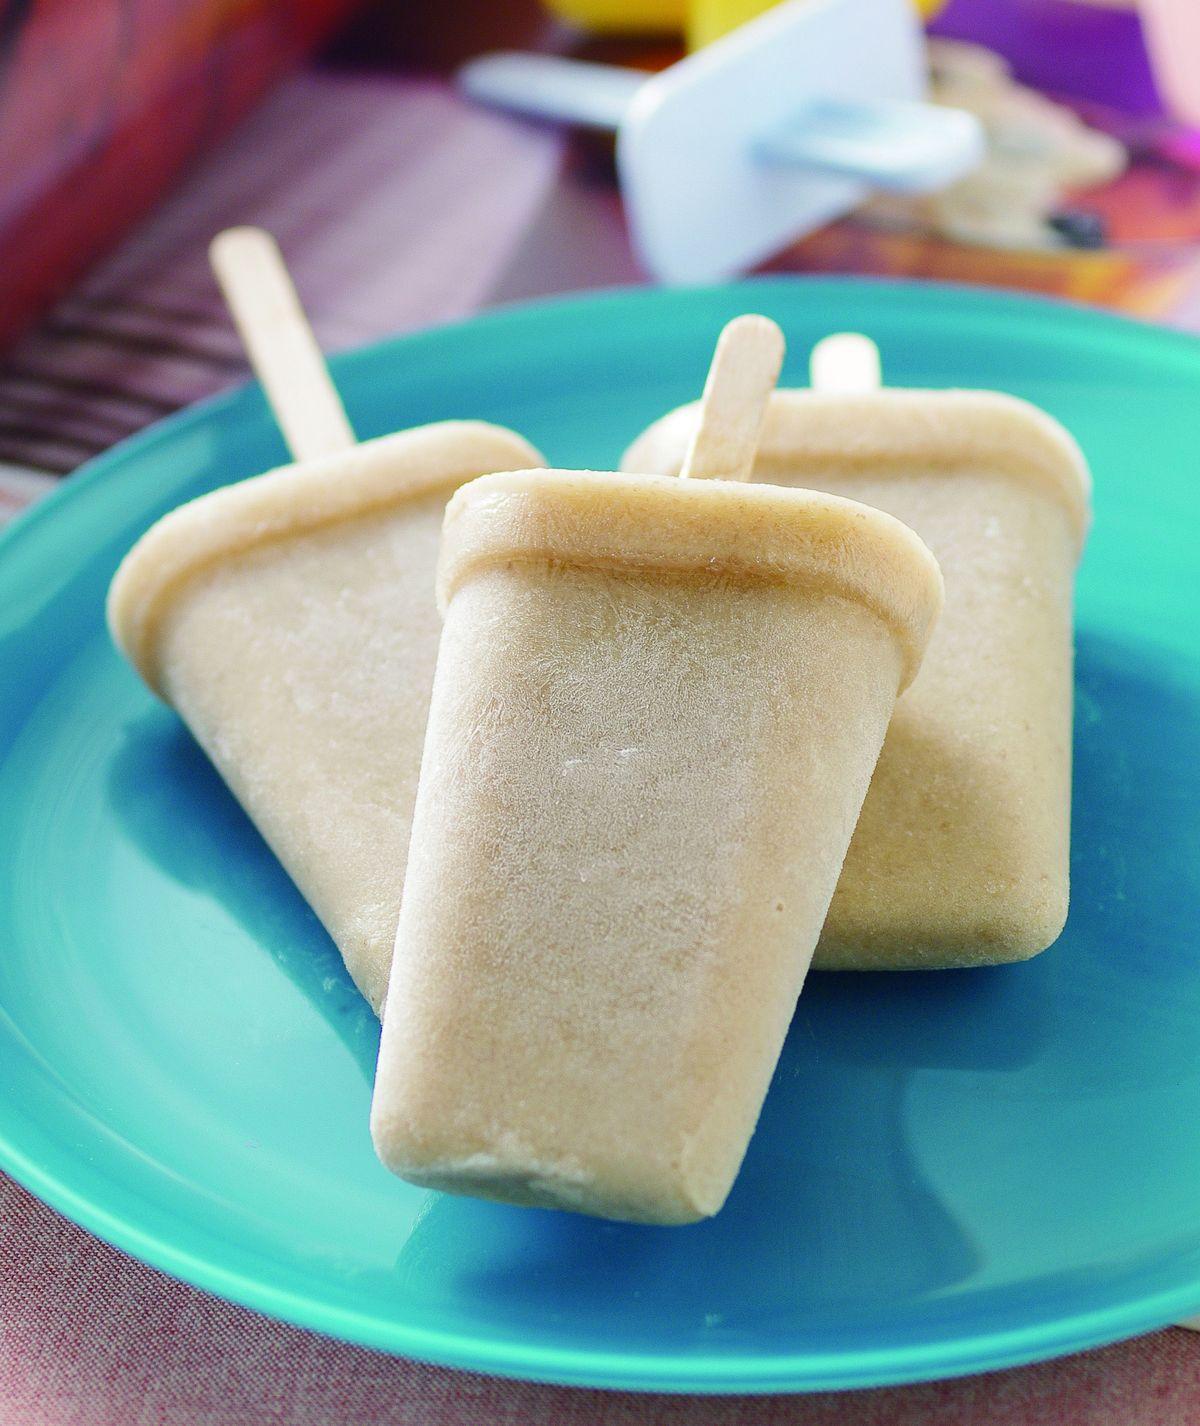 食譜:香蕉牛奶冰棒